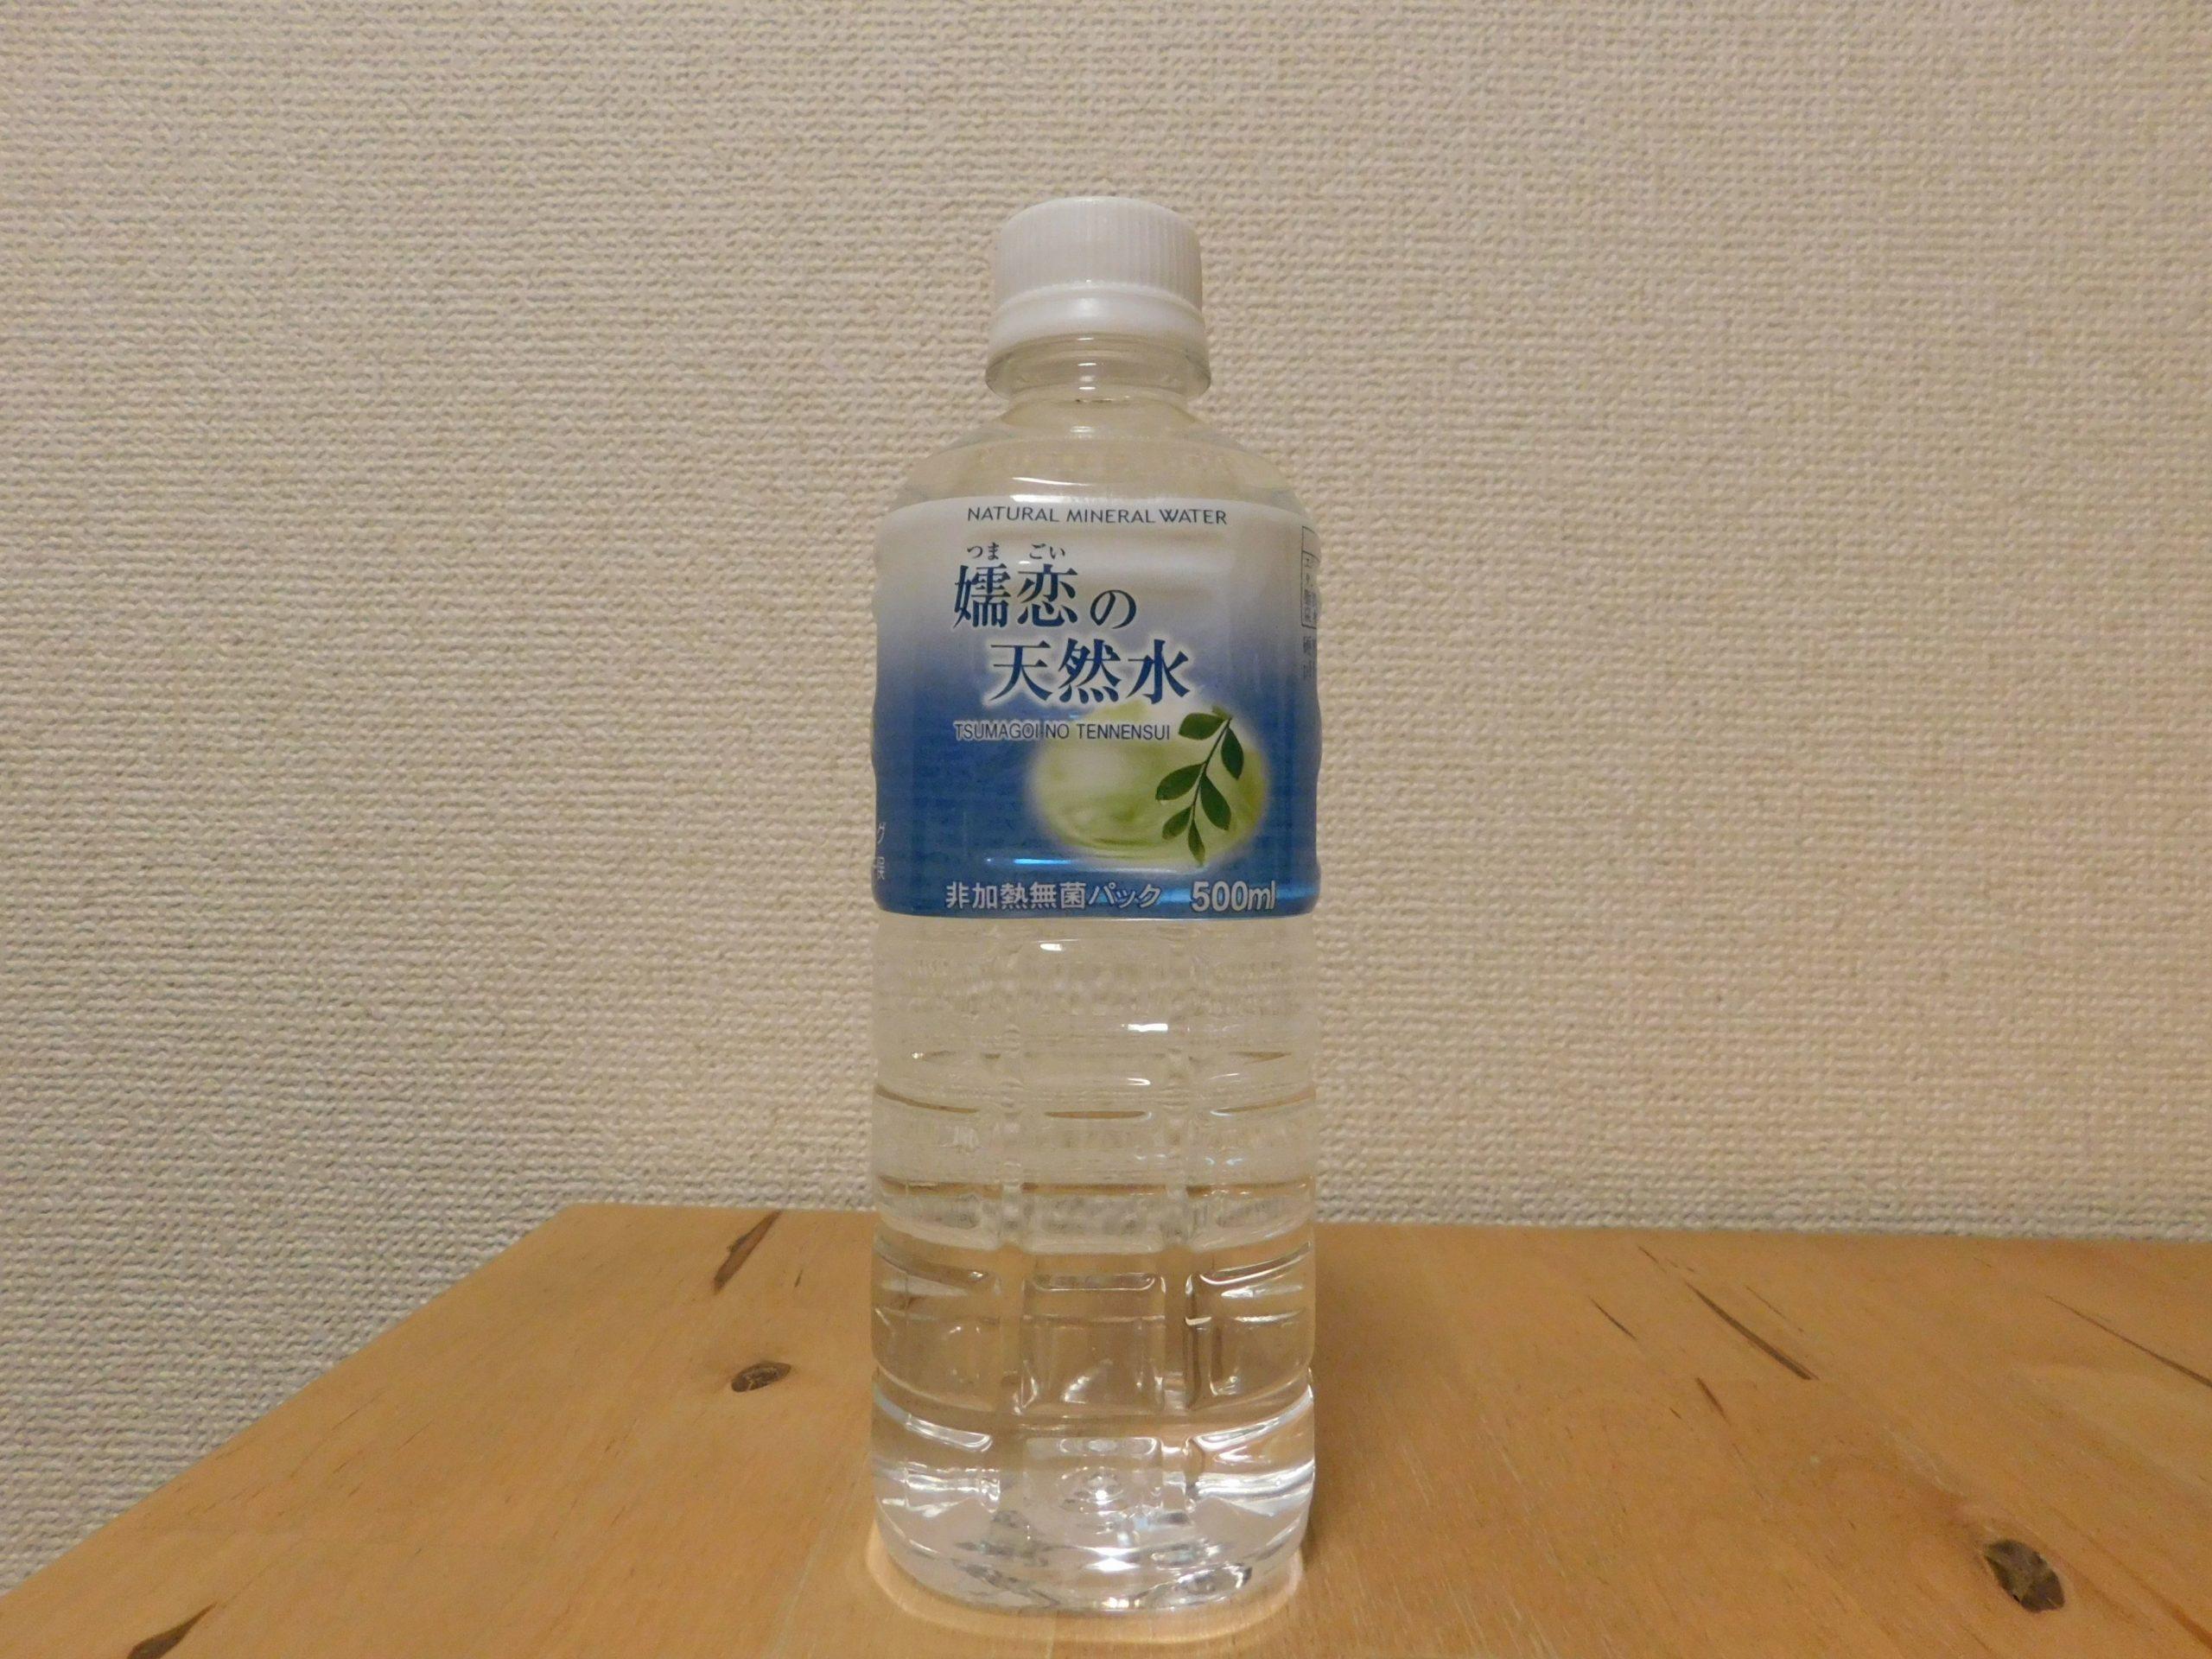 嬬恋村 ミネラルウォーター